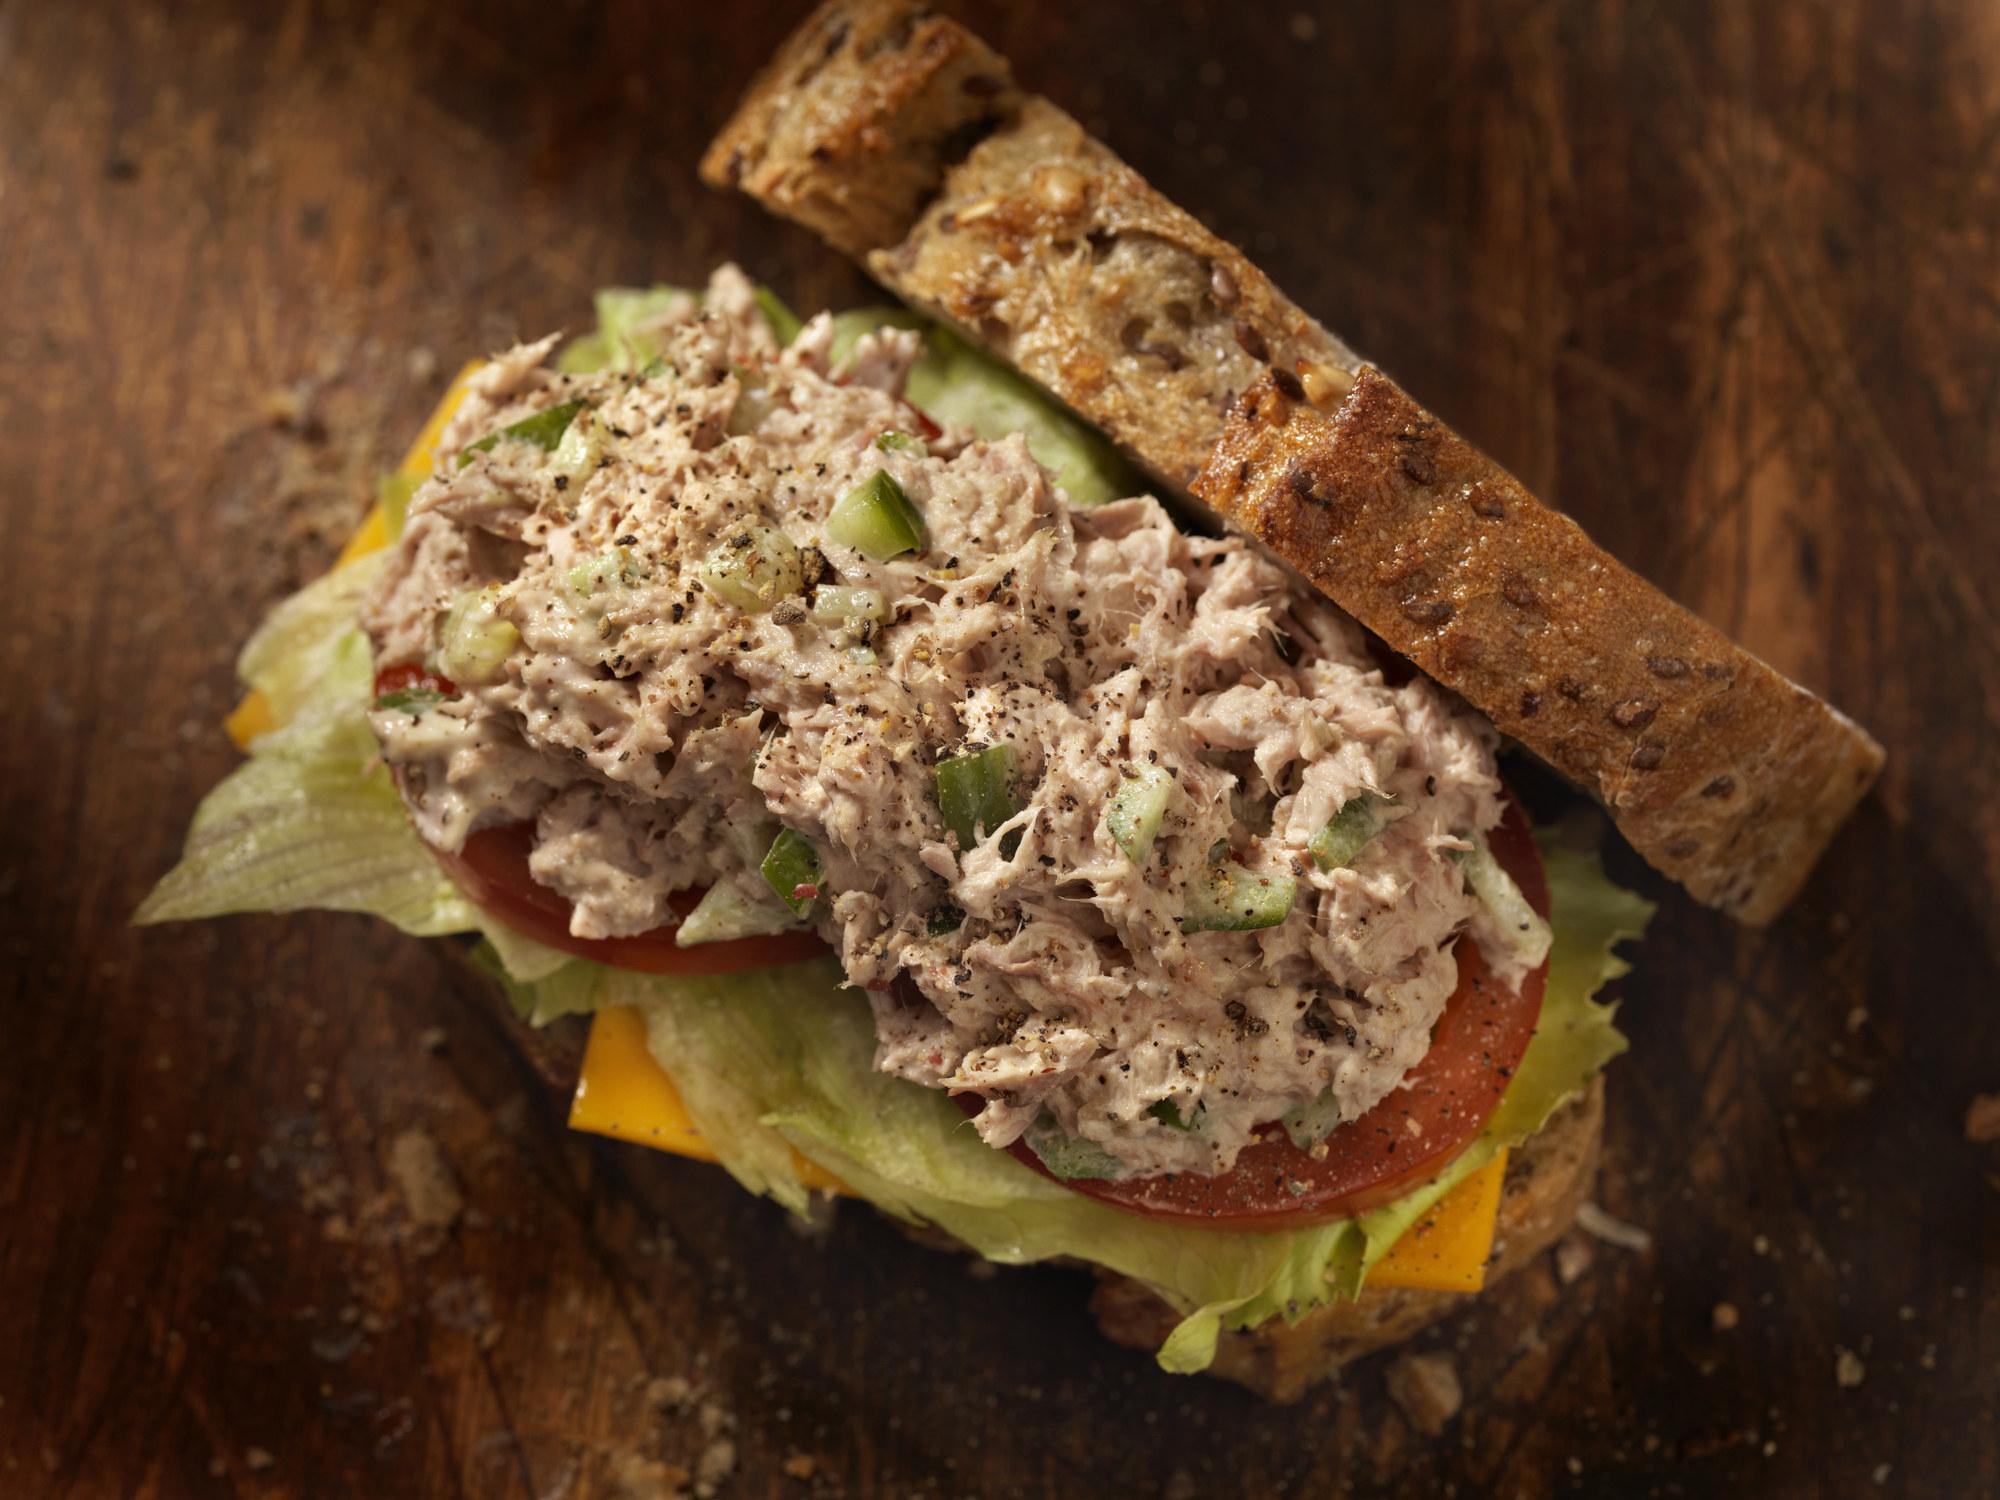 三明治上的金枪鱼沙拉配番茄、生菜和奶酪。